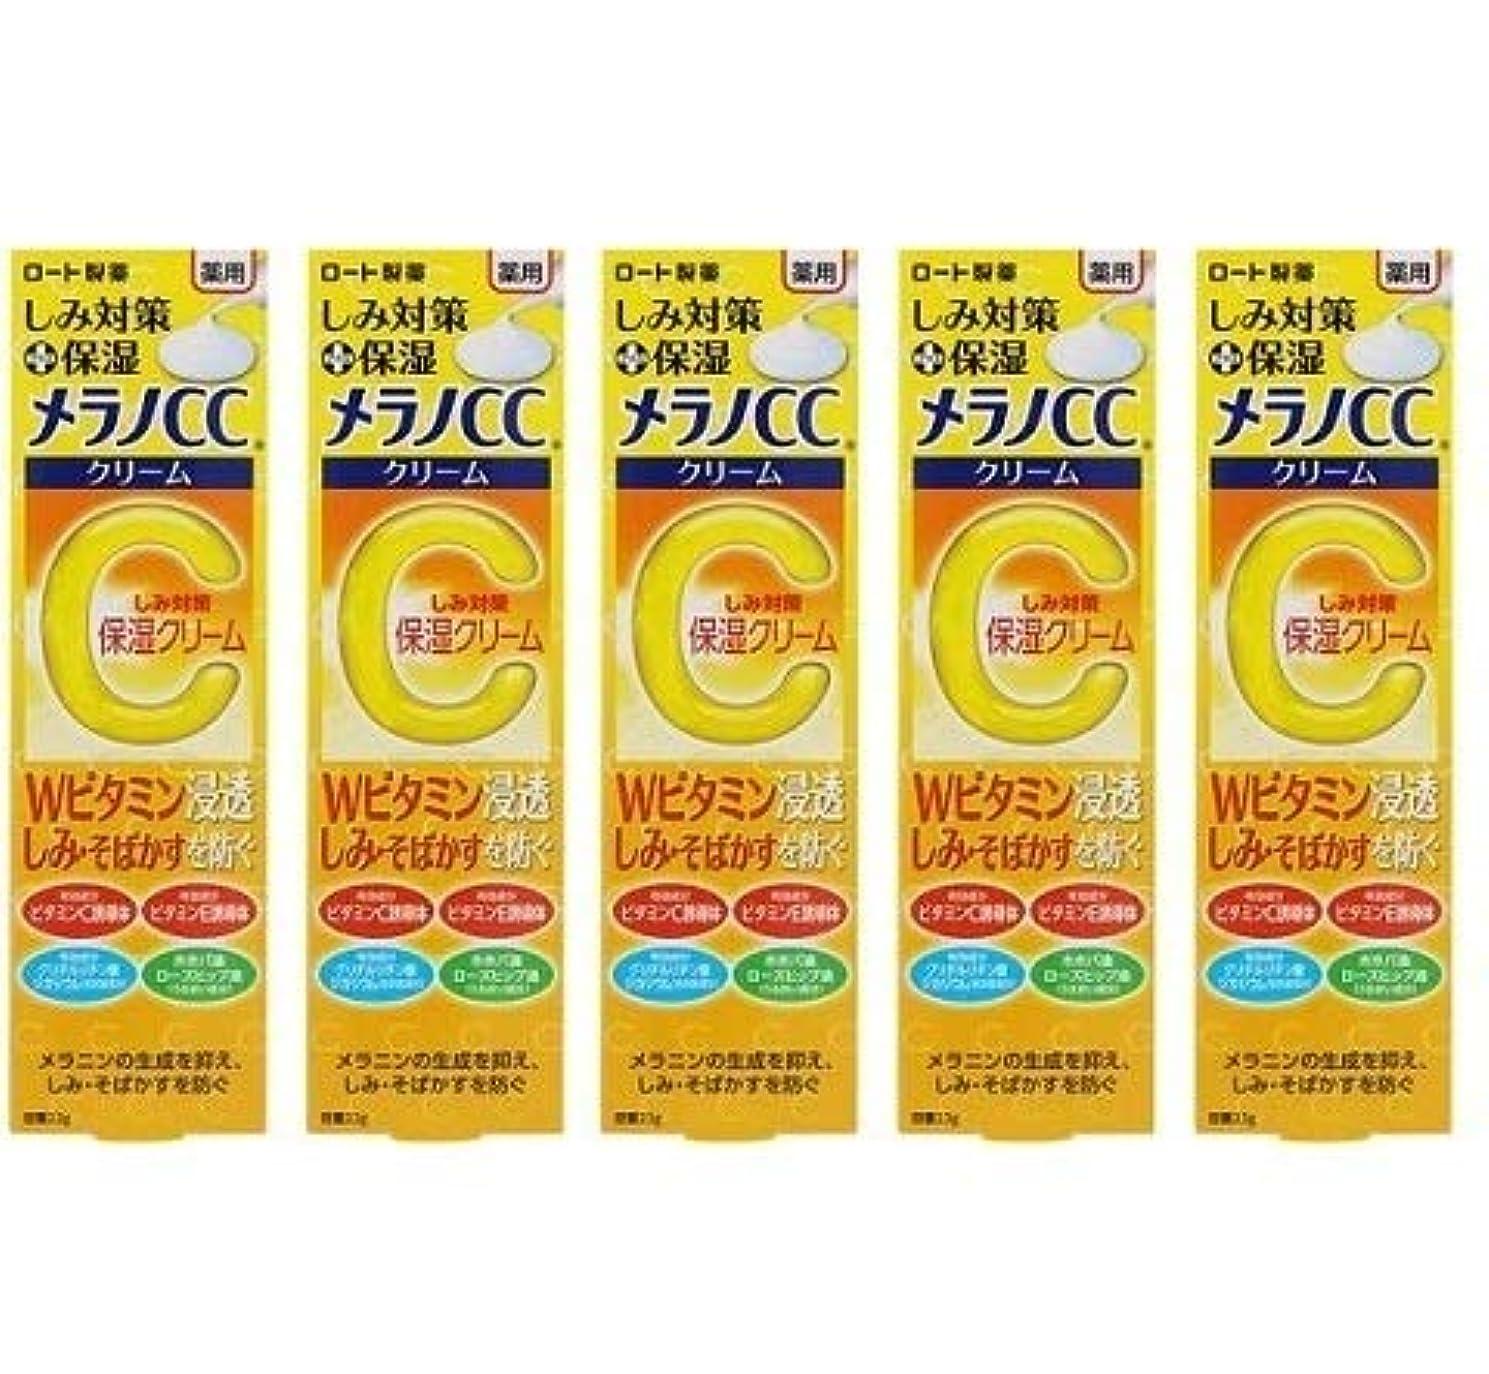 敗北神経障害影響メラノCC 薬用しみ対策 保湿クリーム 23g×5個セット